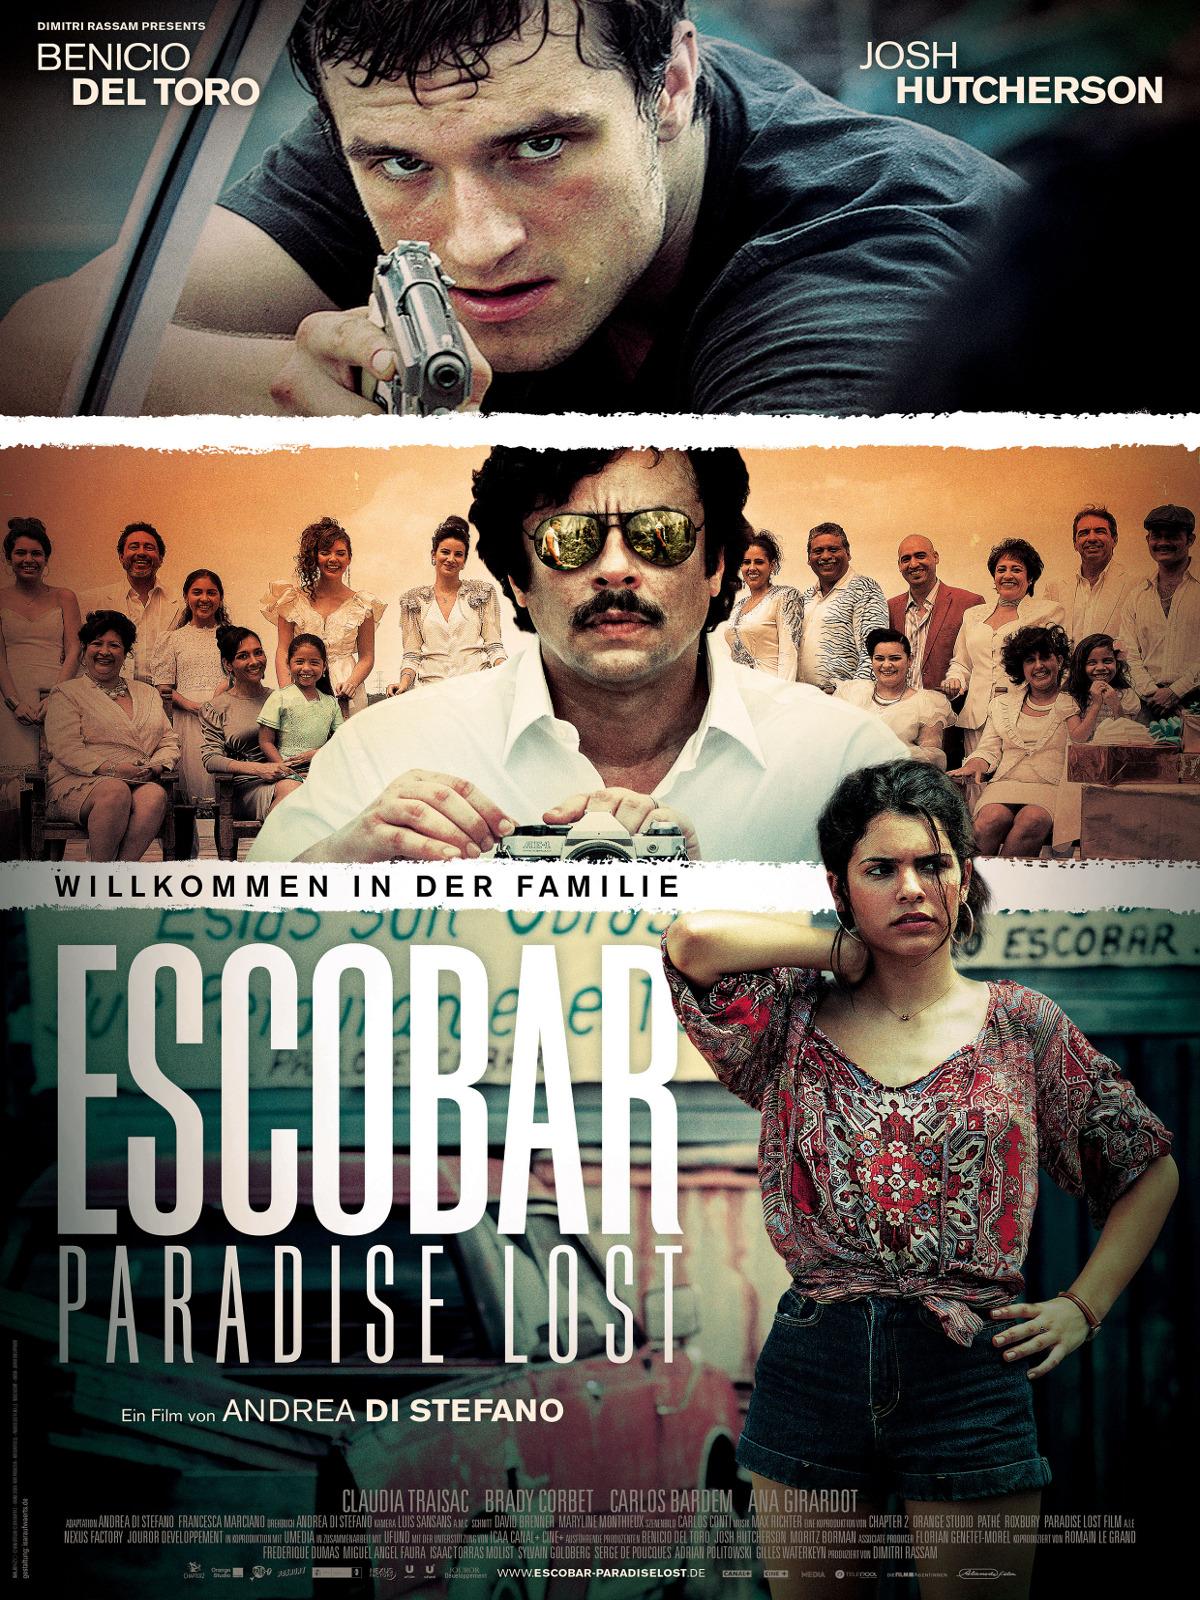 Escobar paradise lost film 2014 - Pablo escobar zitate deutsch ...